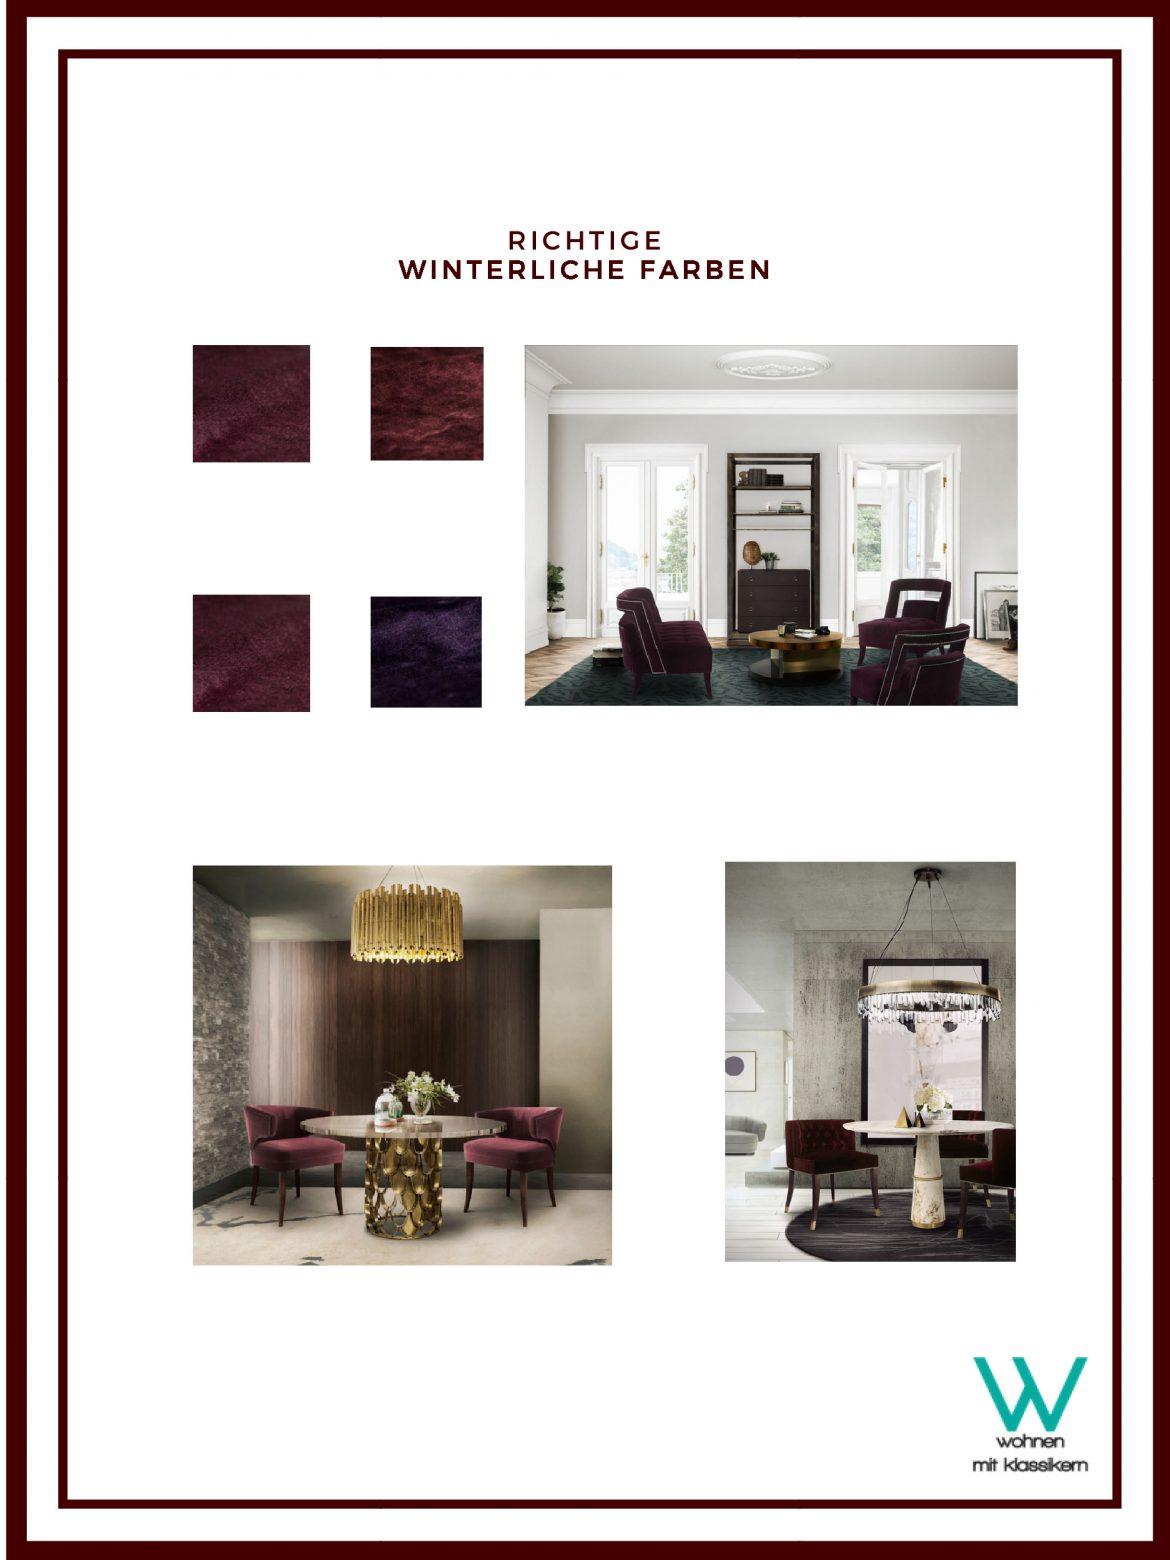 luxuriöse Möbel Das luxuriöse Möbel Geheimnisse der Gemütlichkeit DAS LUXURI  SE GEHEIMNIS DER GEM  TLICHKEIT 5